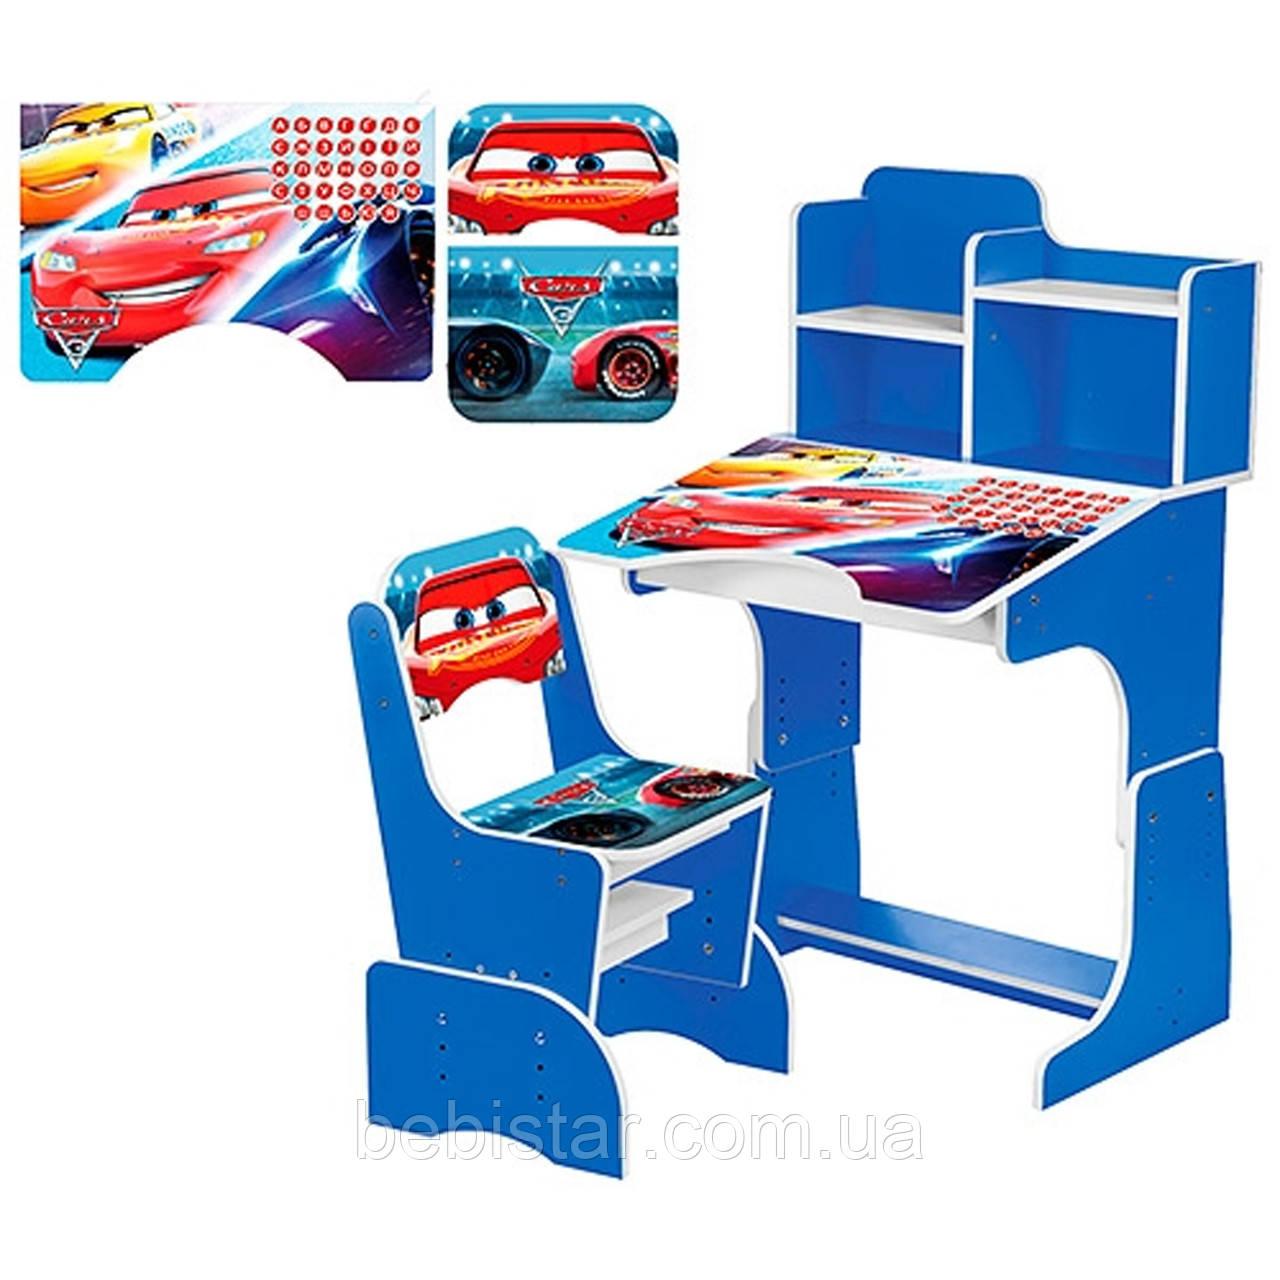 Детская парта со стульчиком (тачки синяя) для мальчиков